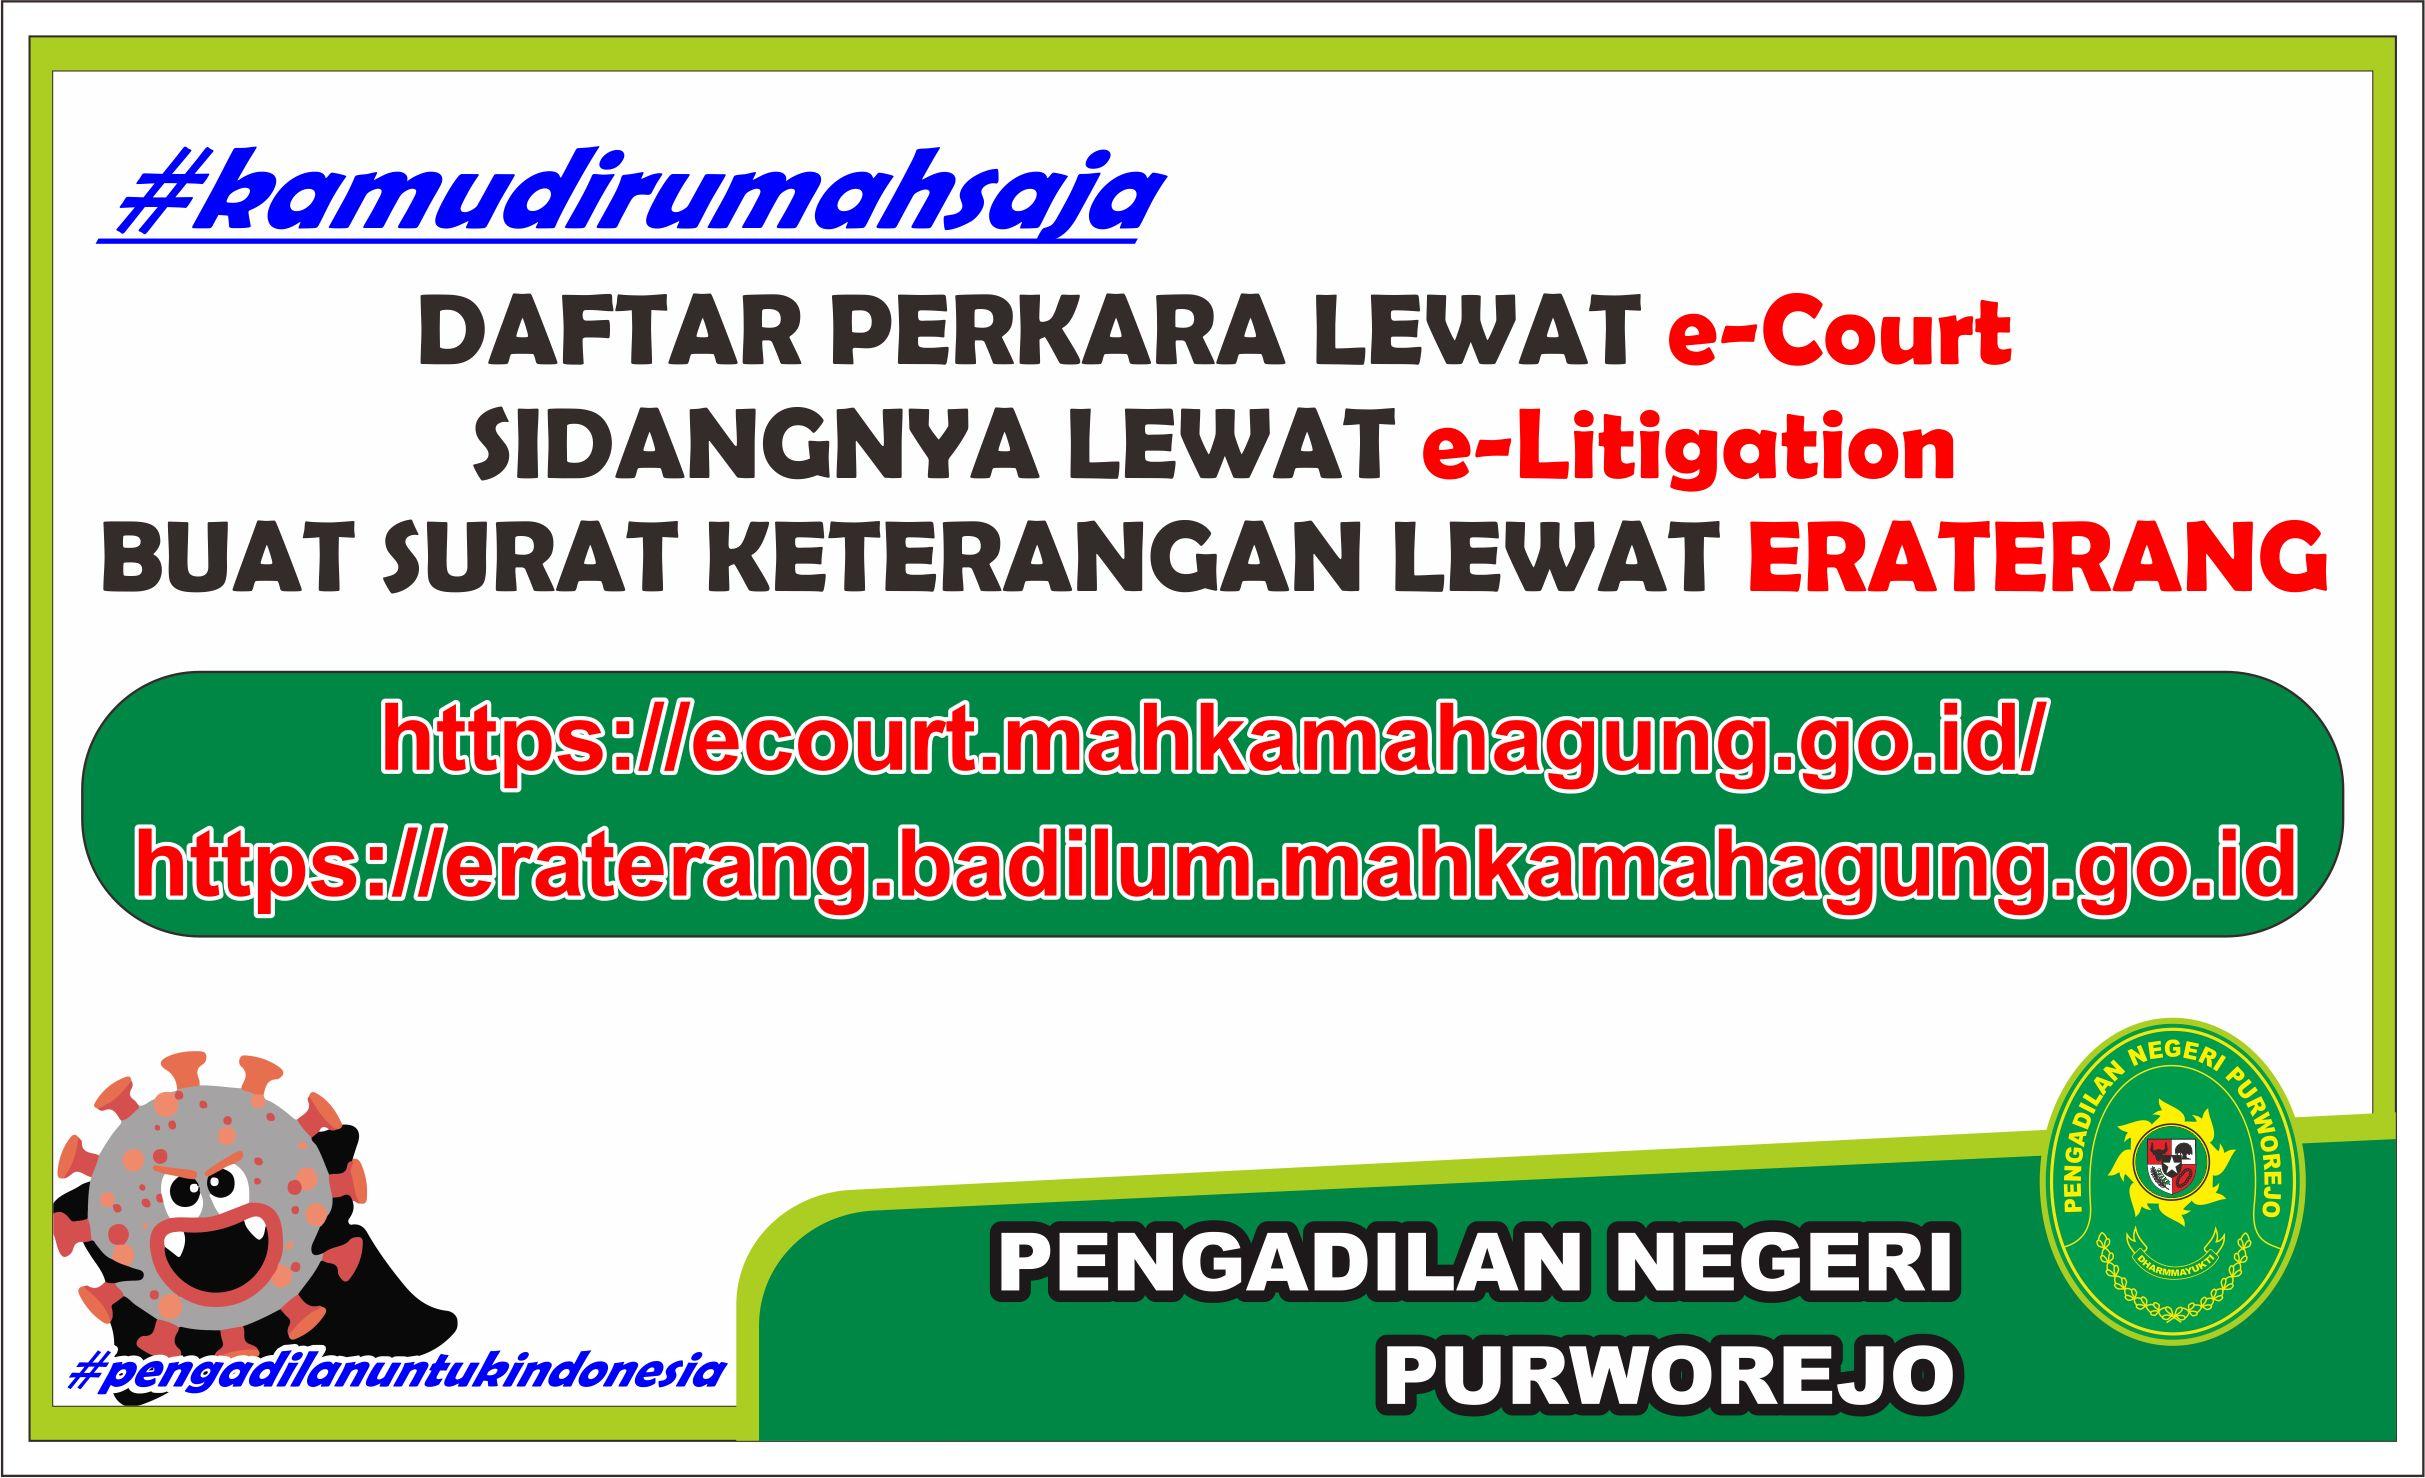 Pelayanan Pendaftaran Perkara Selama Masa Pencegahan Penyebaran Covid-19 pada Pengadilan Negeri Purworejo Kelas I B